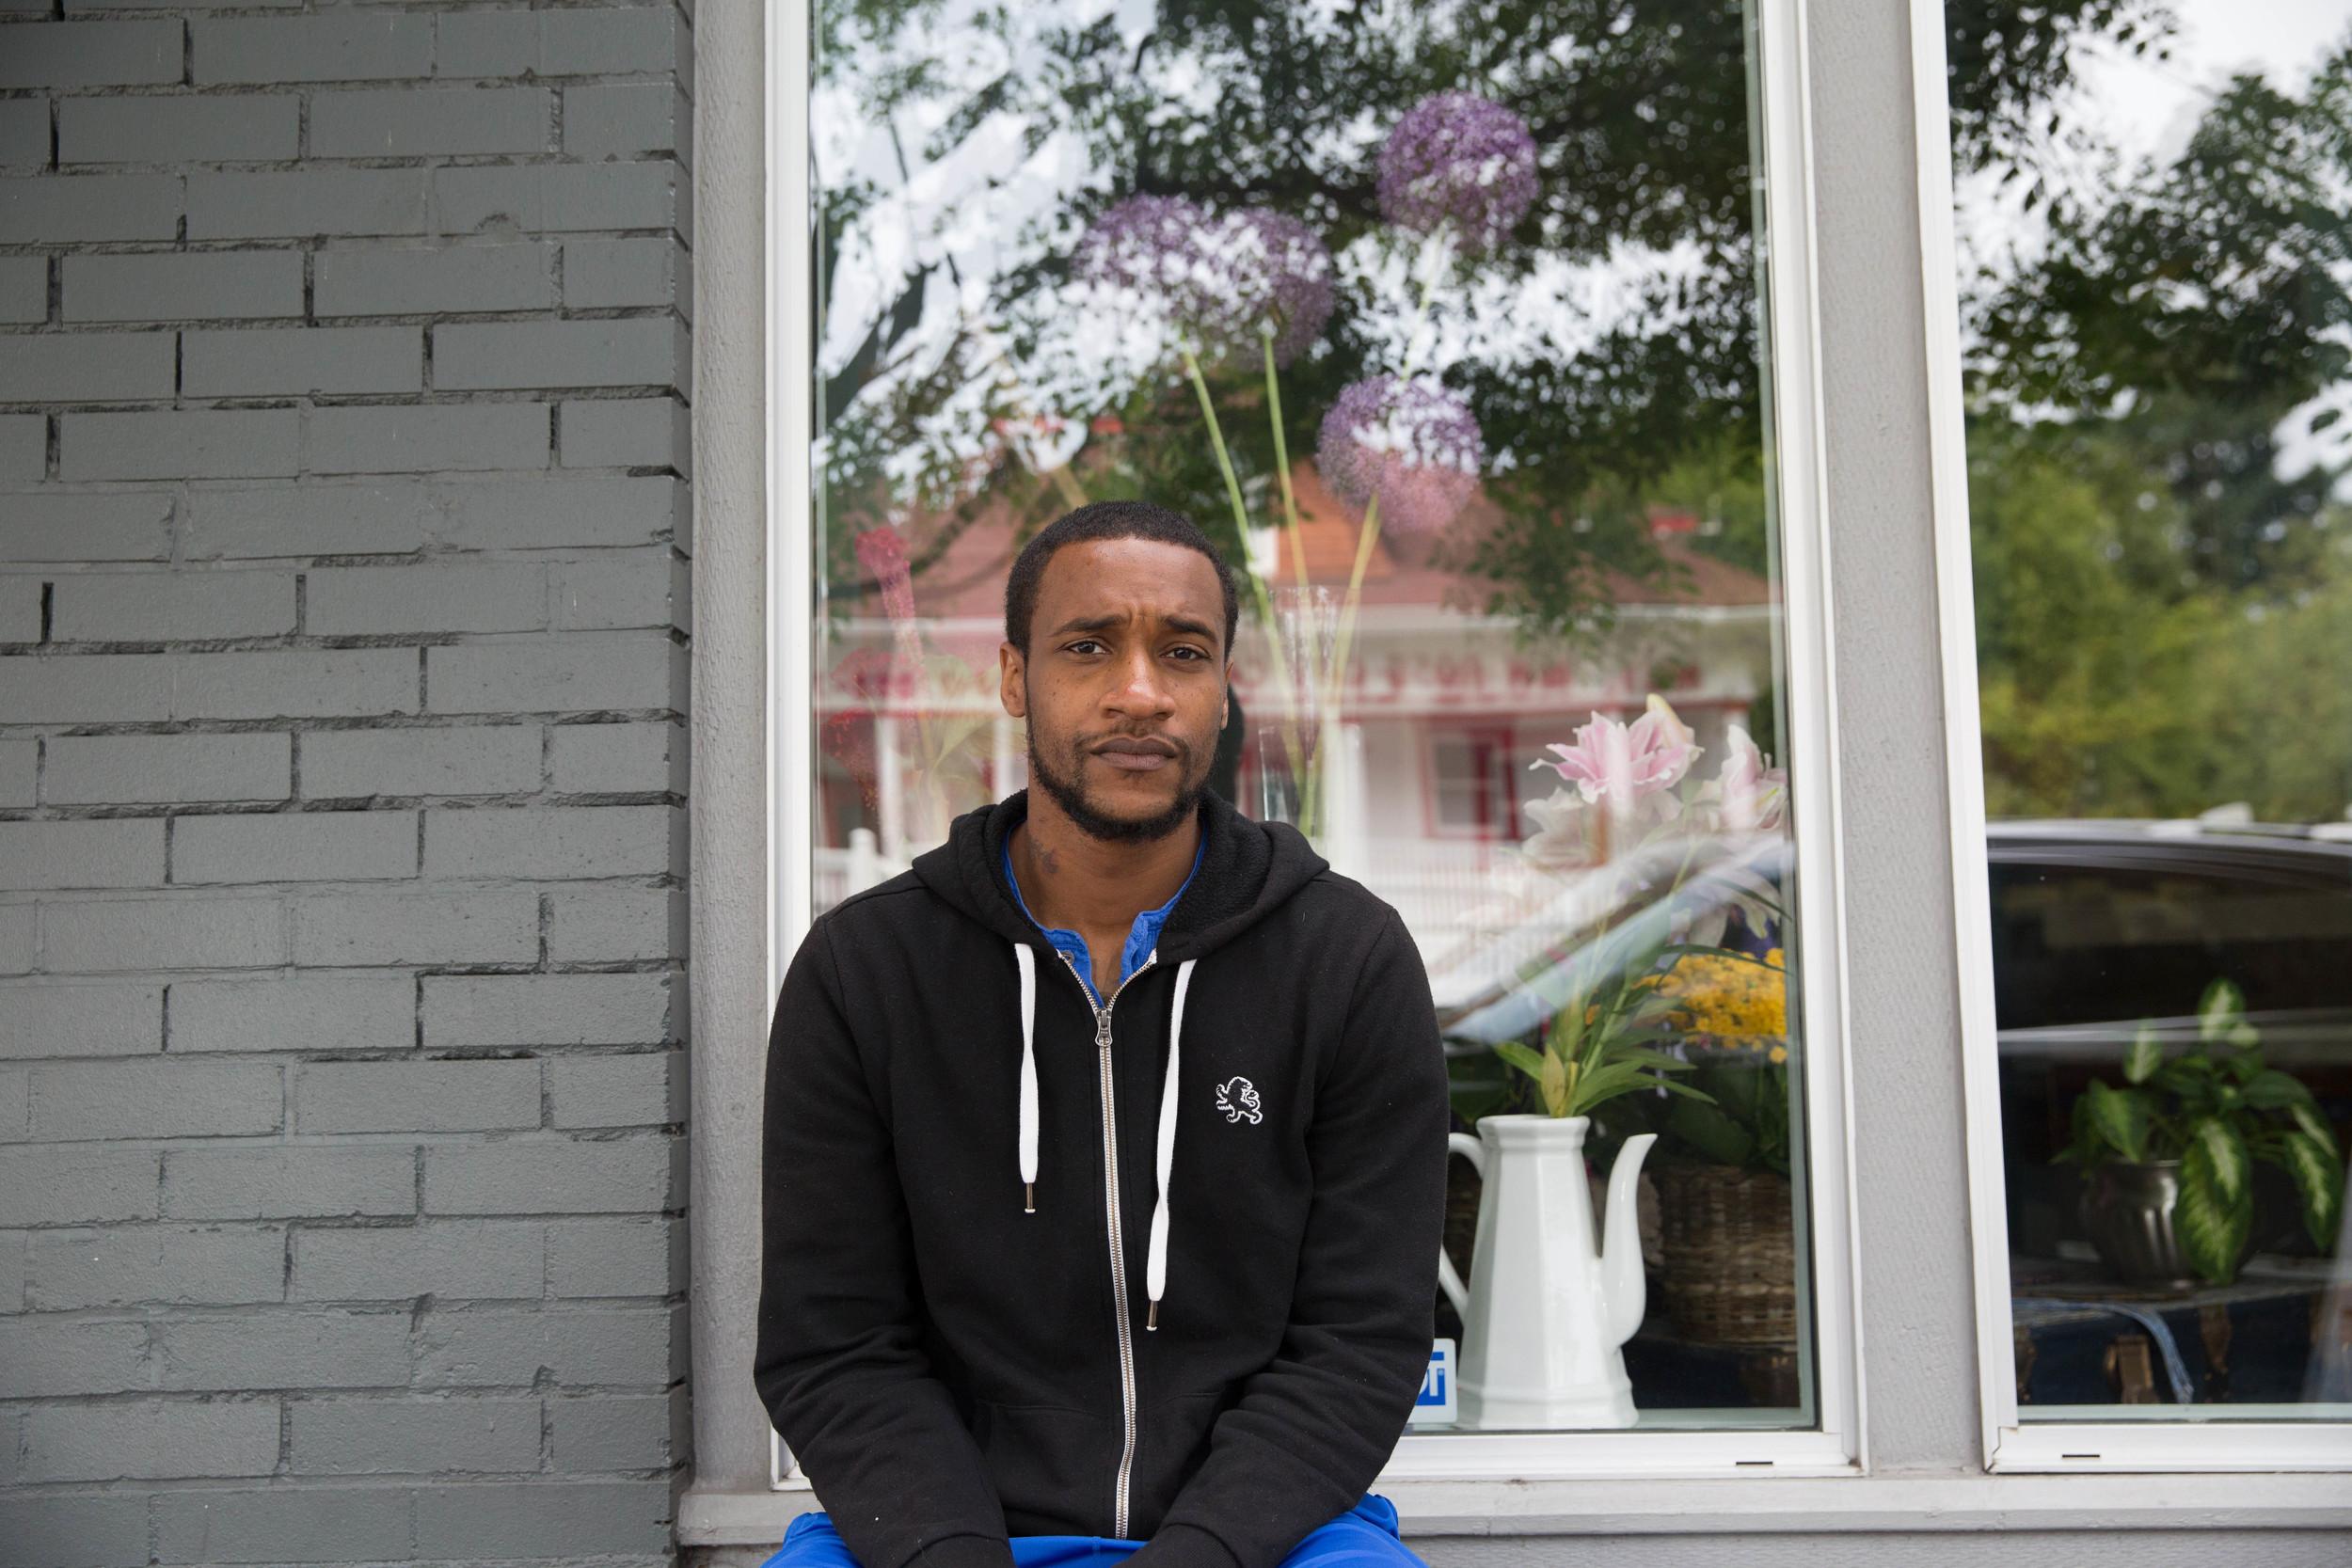 Jamal_Black_Portlanders-2.jpg